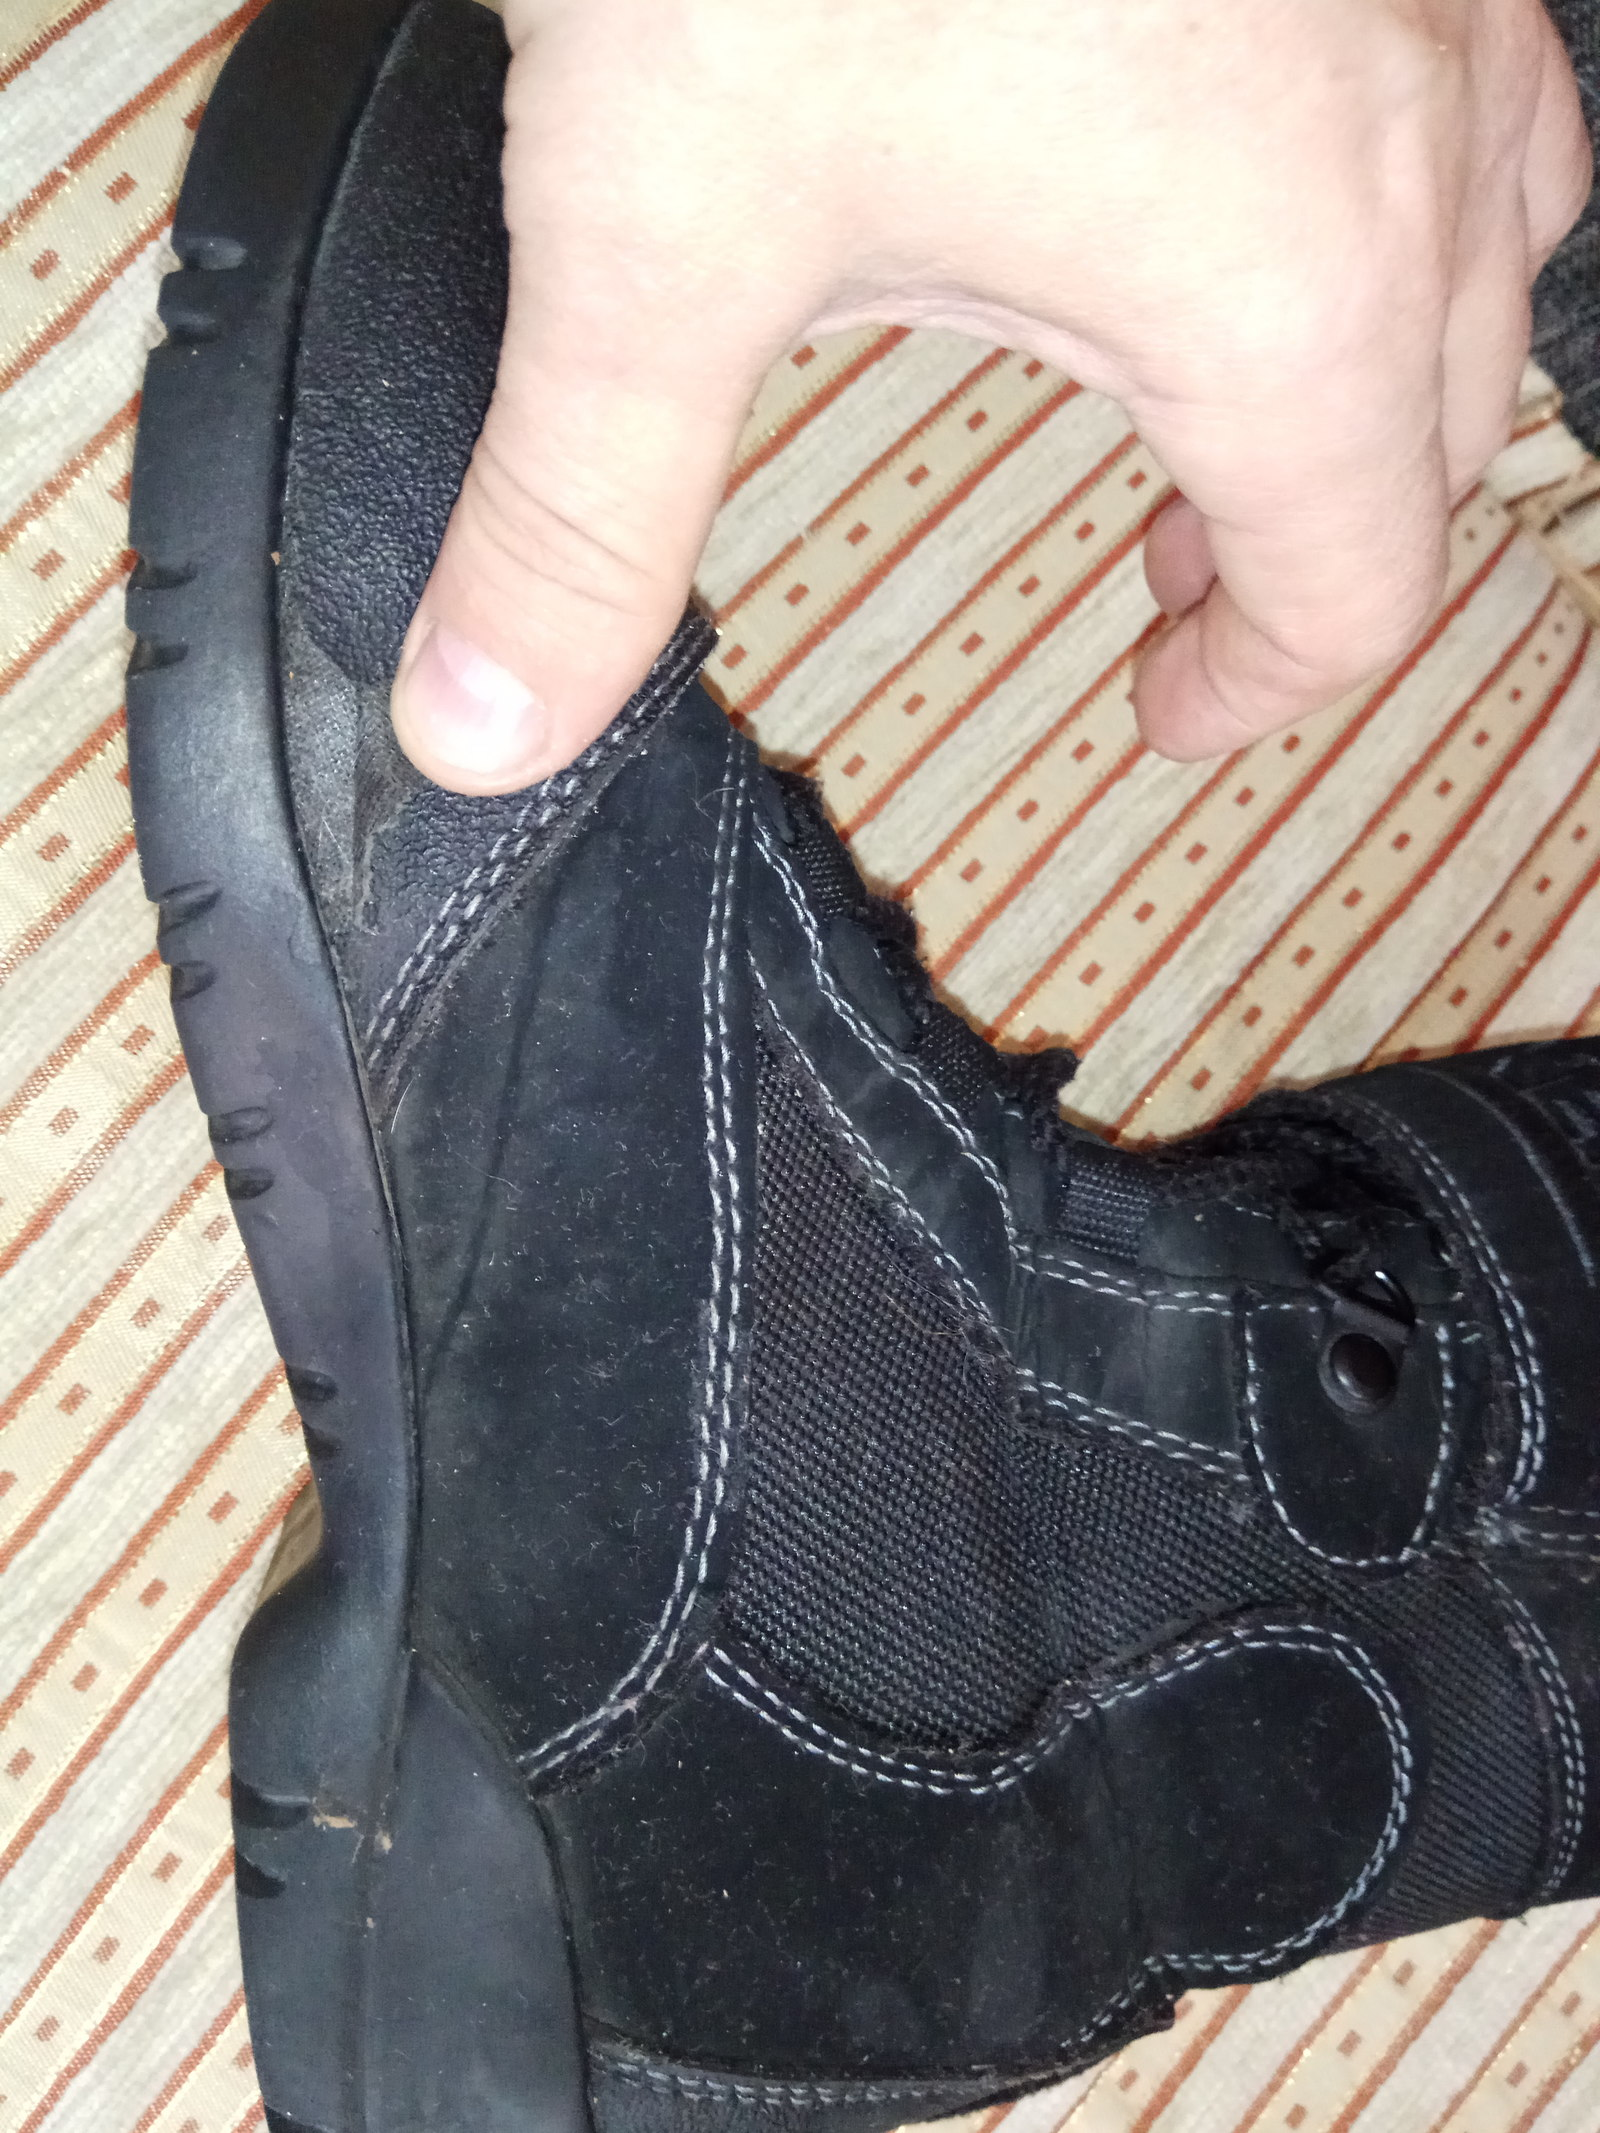 beeab62e3 Всамделишные советы по уходу за обувью. Клей